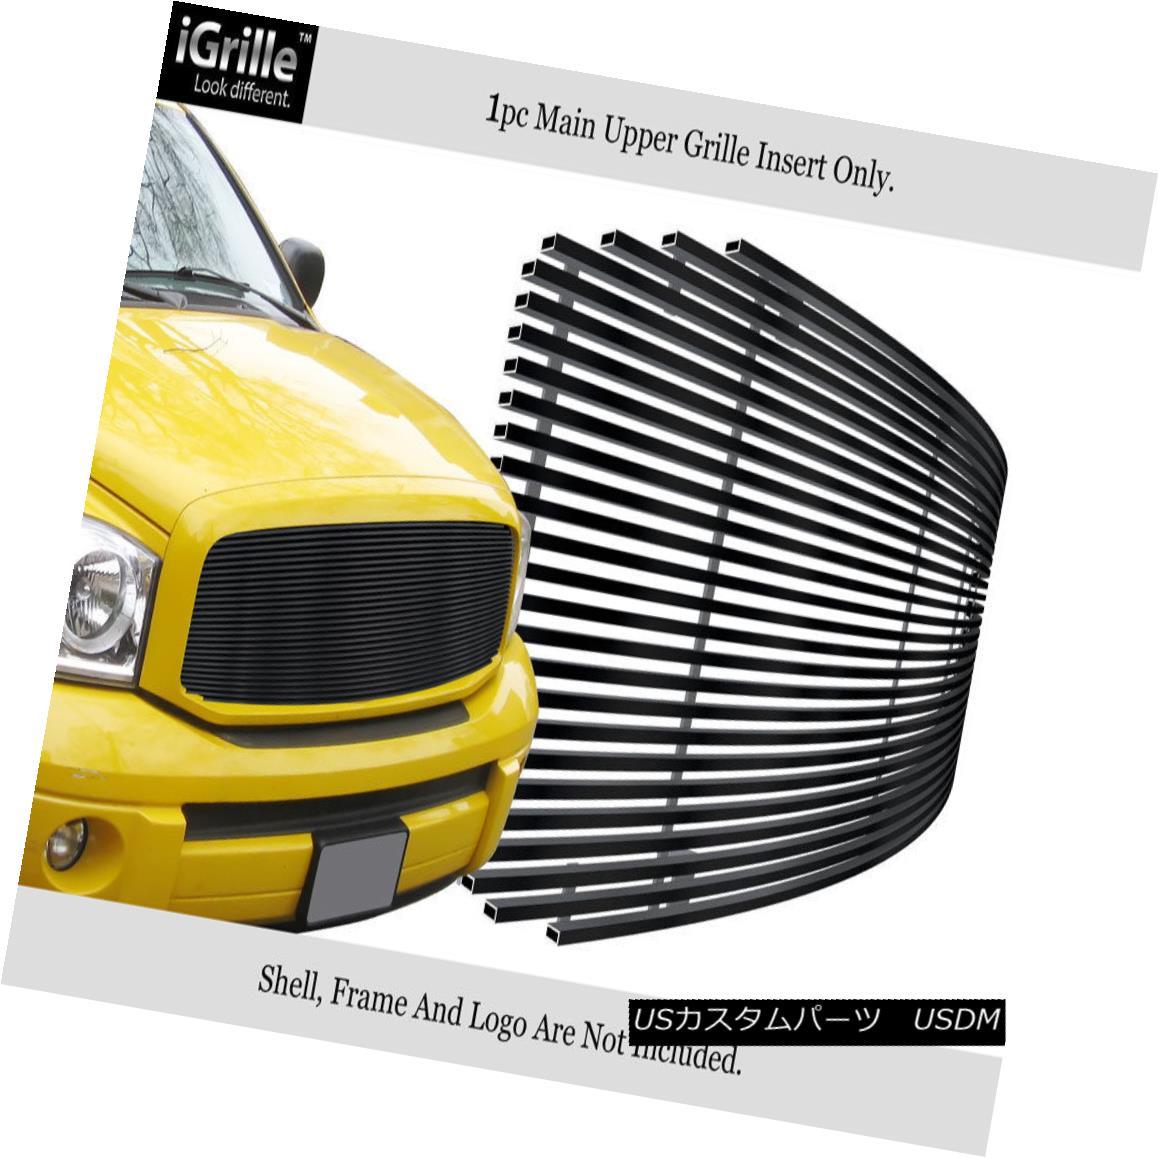 グリル Fits 2006-2008 Fits Dodge 2006-2008 Ram 1500/2500/3500 Stainless Black Stainless Steel Billet Grille 2006-2008 Dodge Ram 1500/2500/3500 Black Stainless Steel Billet Grilleに適合, 登場!:af4f5e8c --- makeitinfiji.com